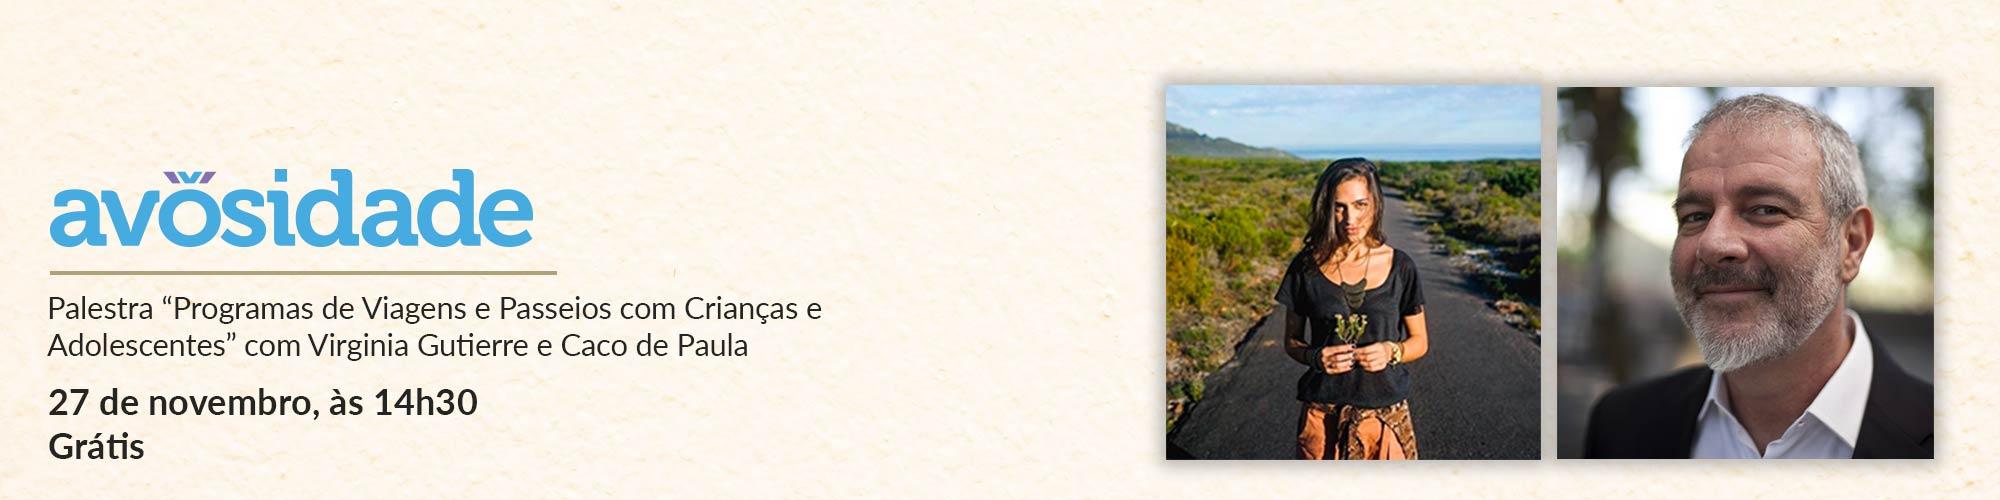 """avŏsidade realiza palestra """"Programas de Viagens e Passeios com Crianças e Adolescentes"""""""